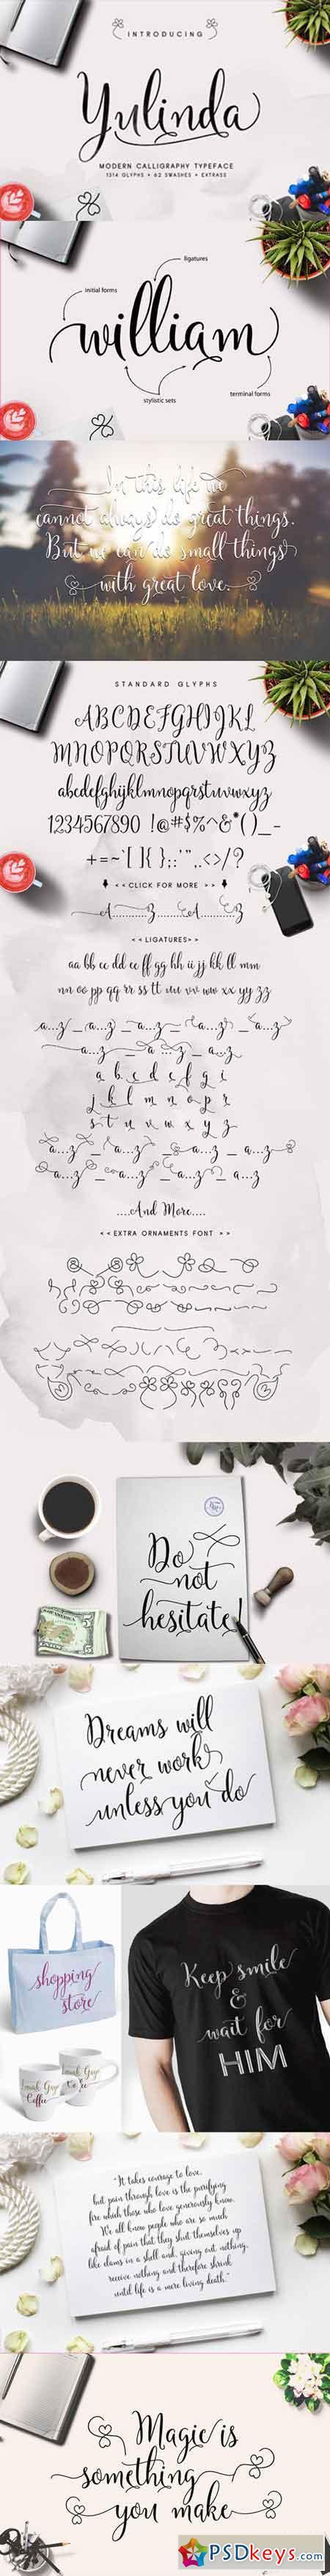 Yulinda Script 16426435